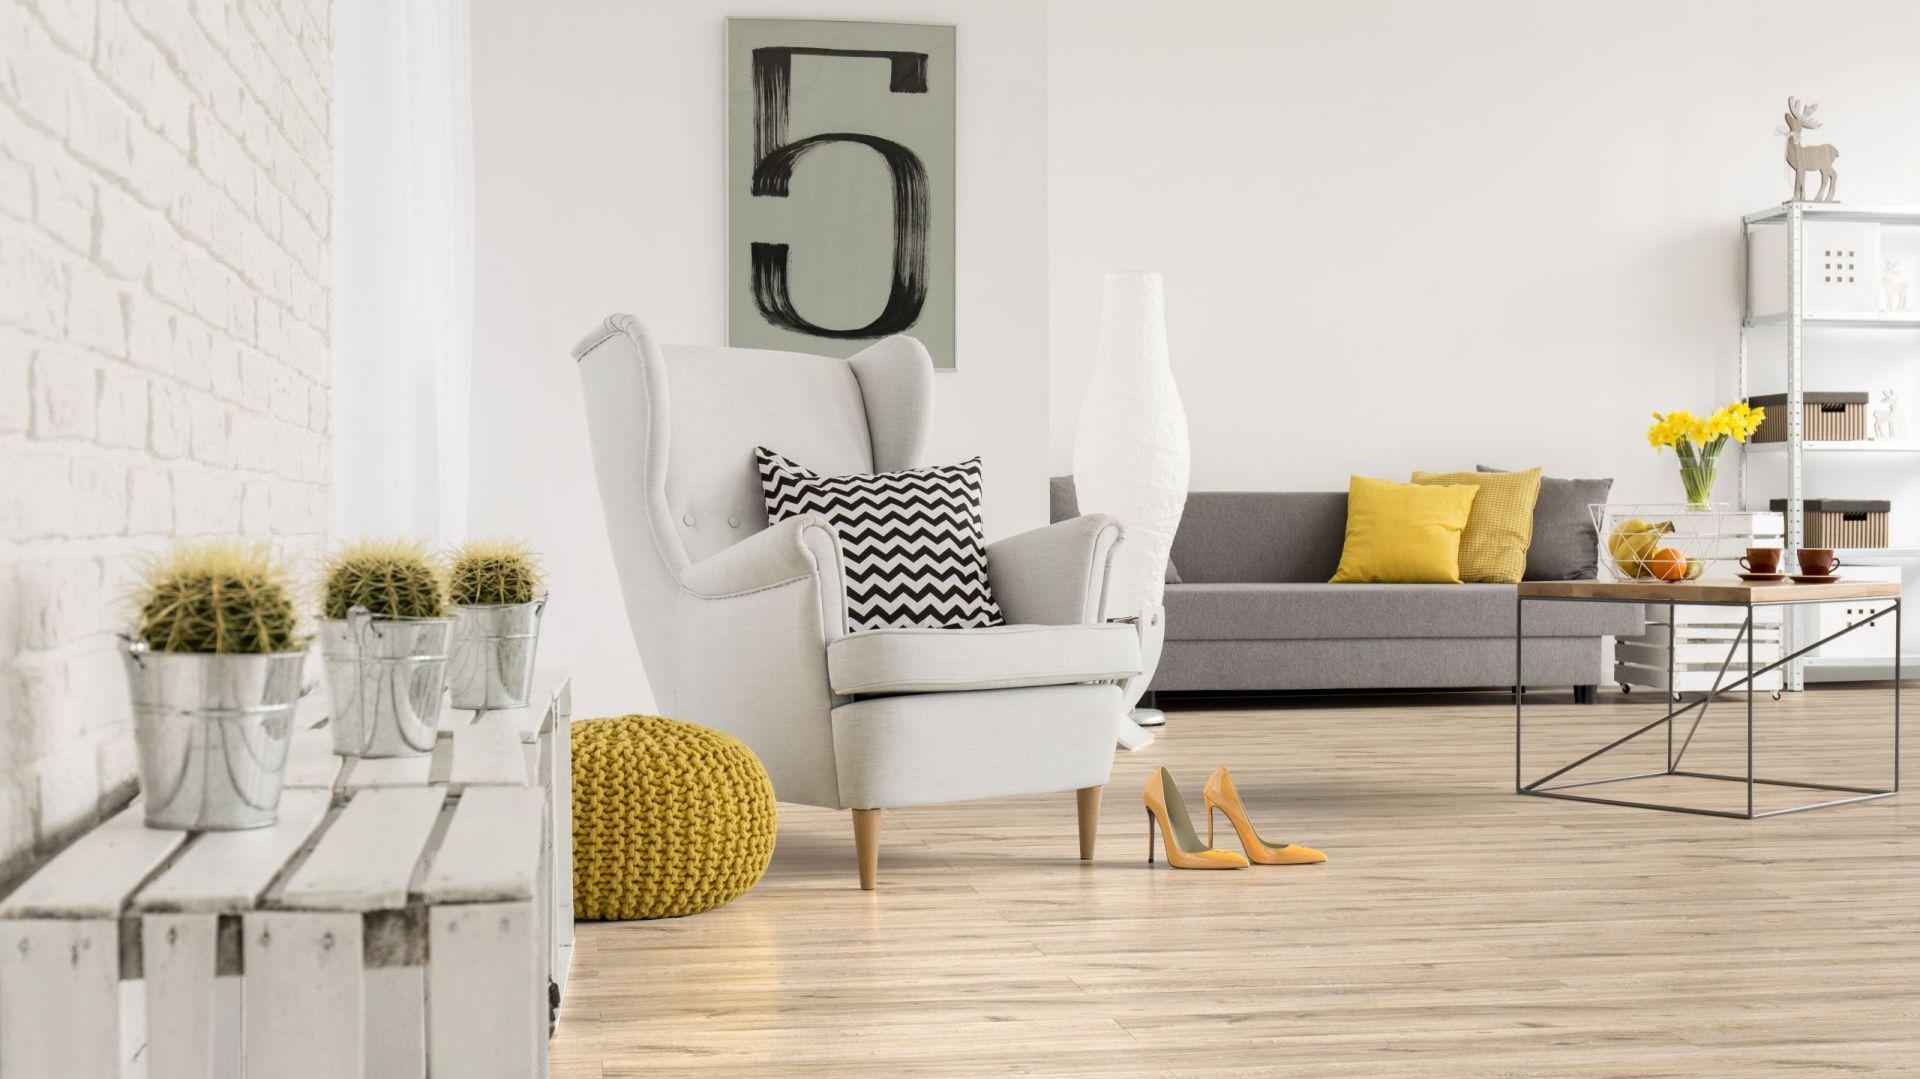 Panele Freedom 4Vw dekorze Dąb Brooks mają drewnianą strukturę desek oraz połyskującą powierzchnię. Fot. Classen / RuckZuck